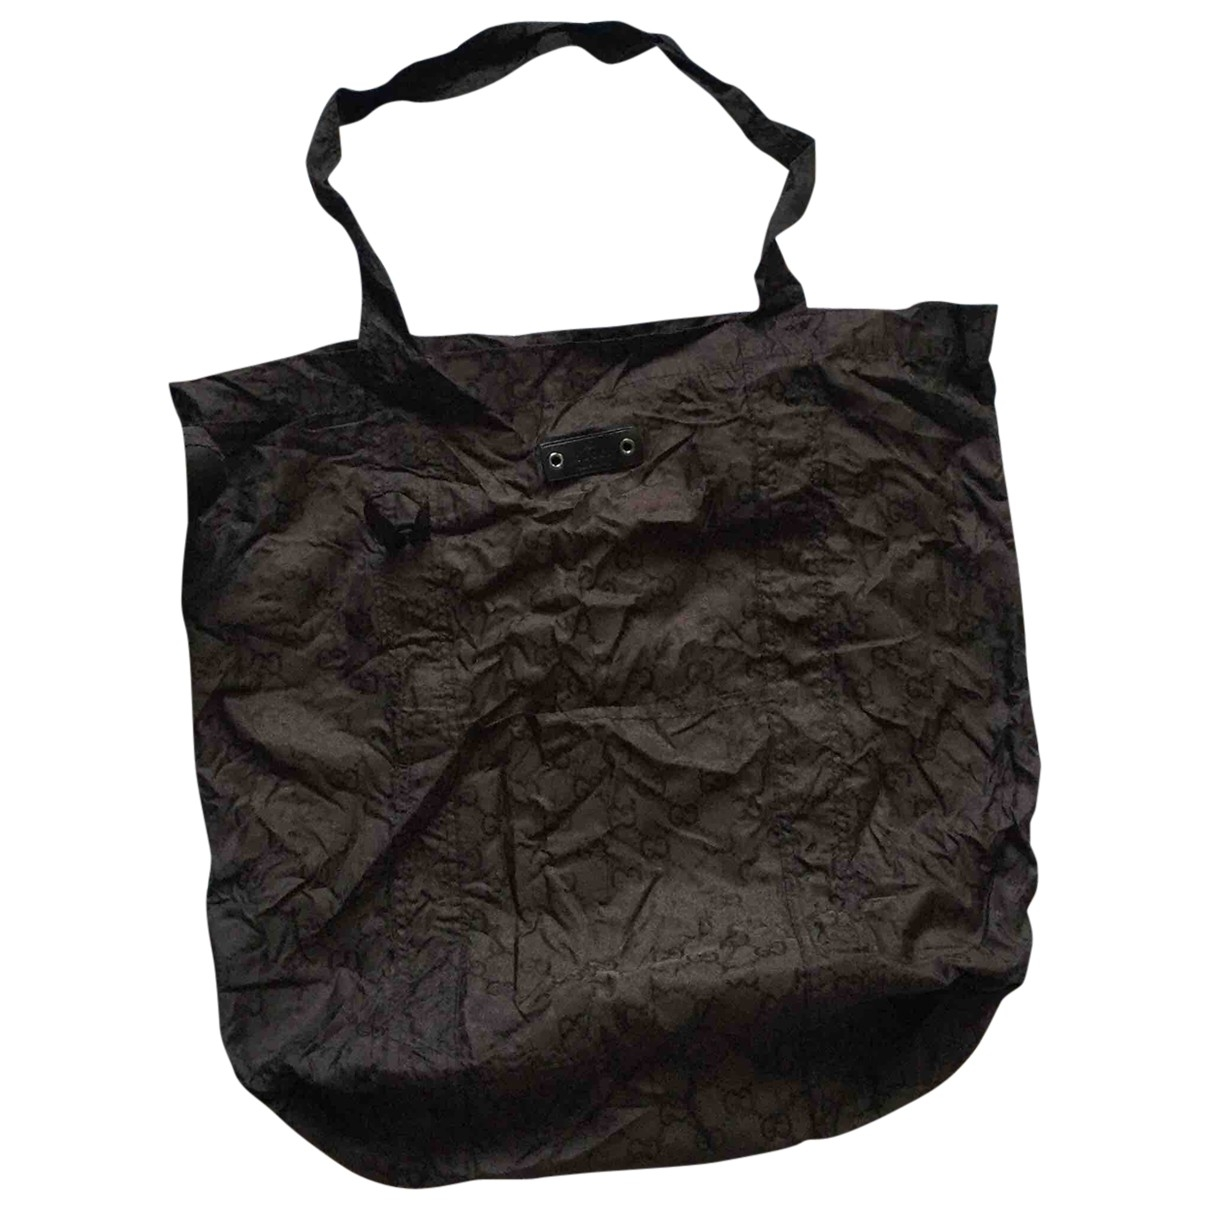 Gucci \N Handtasche in  Braun Polyester